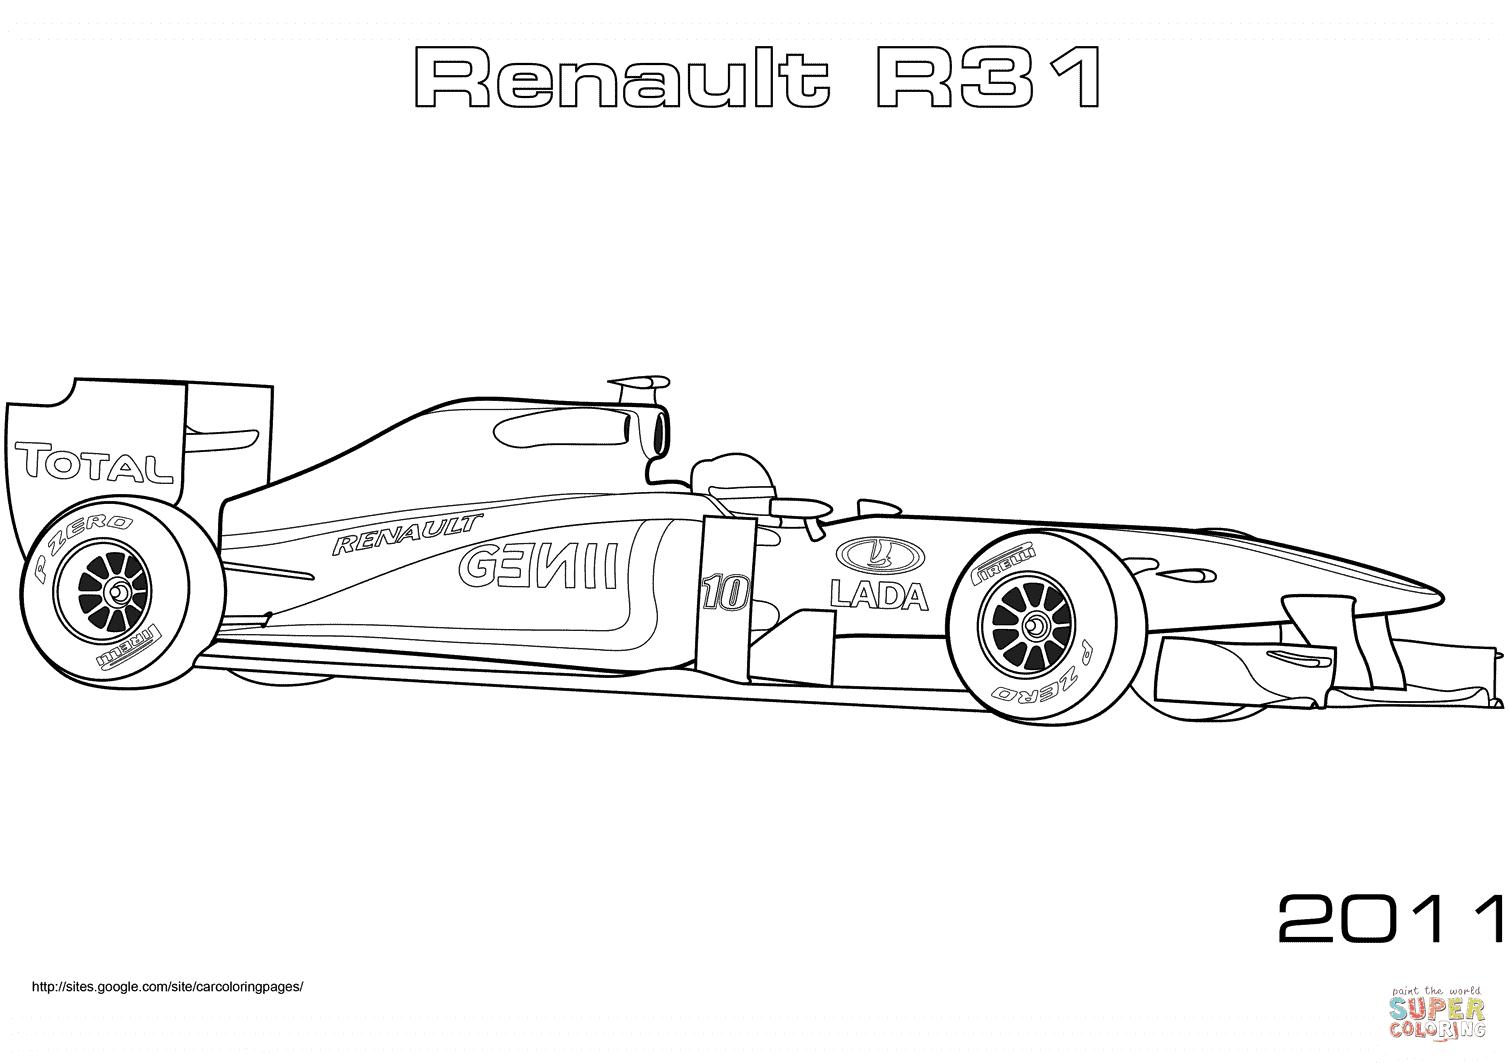 Formule 1 Renault R31 coloriages pour visualiser la version imprimable ou colorier en ligne patible avec les tablettes iPad et Android